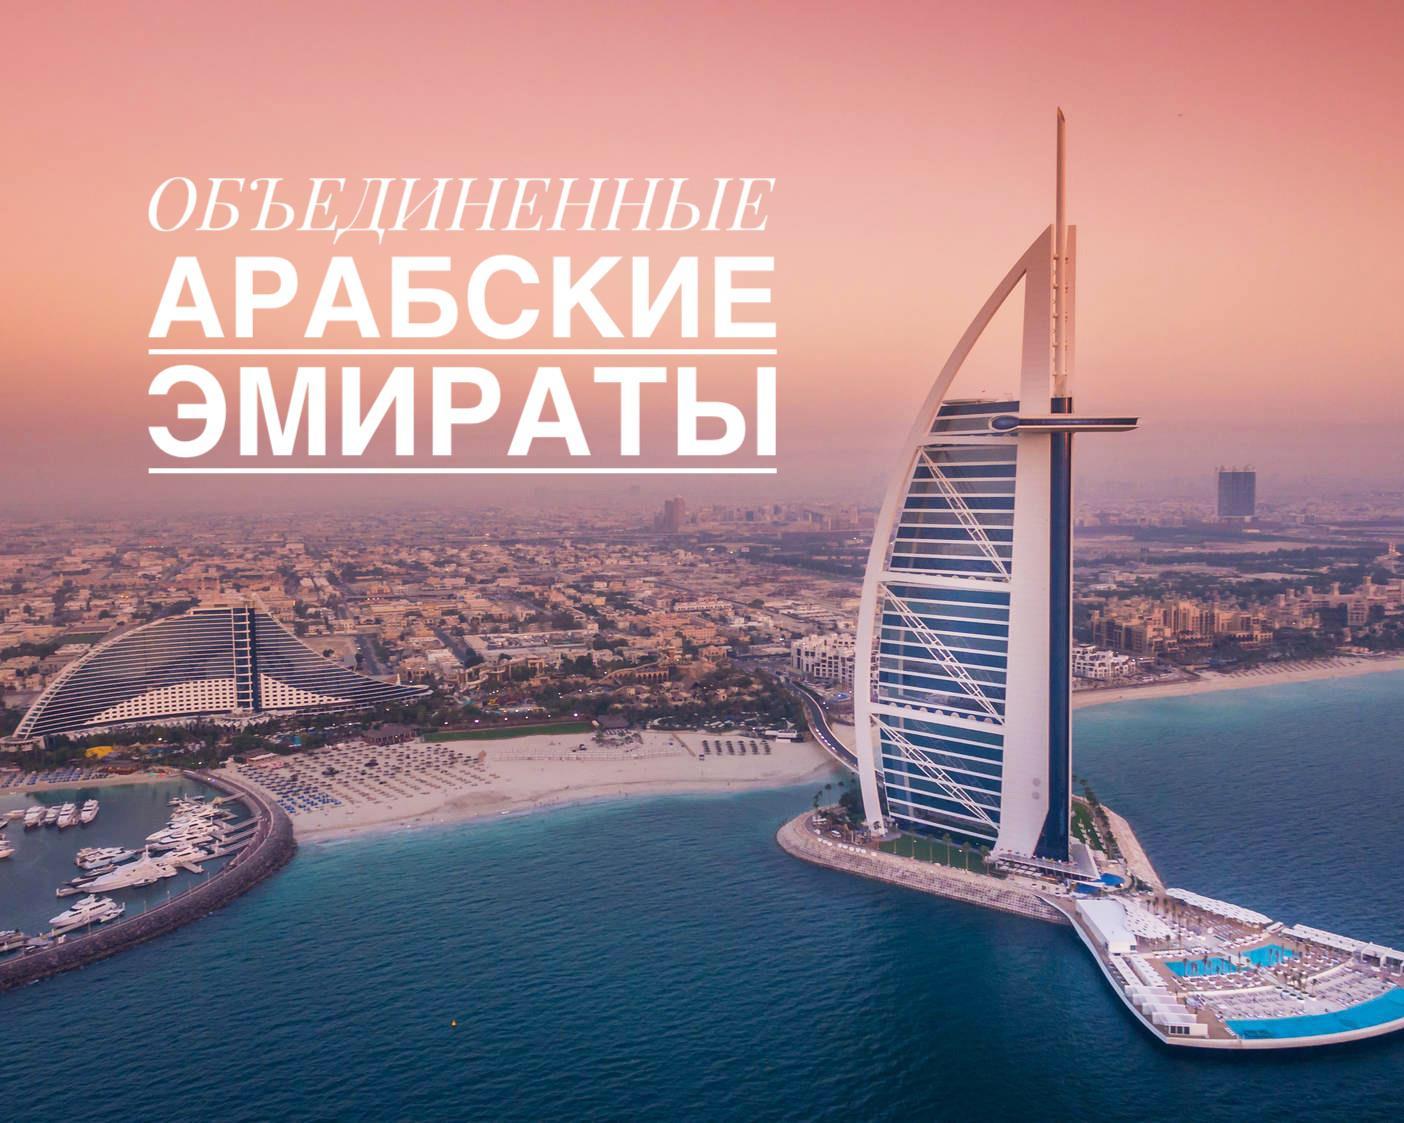 Работа для русских в оаэ сколько стоит в дубае квартира на месяц